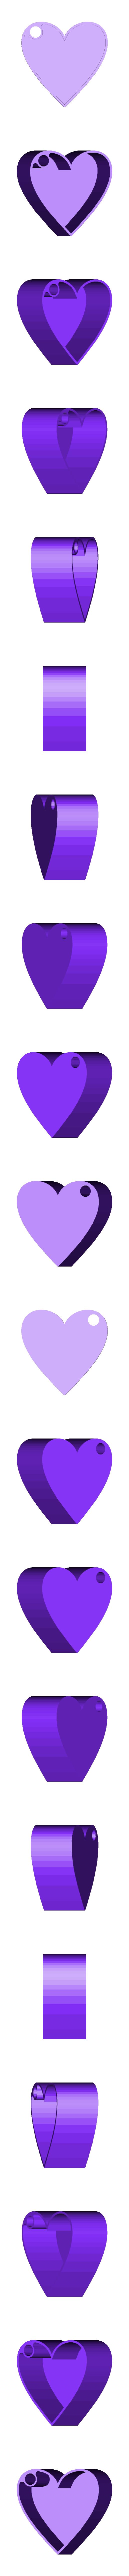 HeartBox01.stl Télécharger fichier STL gratuit Boîte de coeur modulaire pour la Saint-Valentin • Design pour impression 3D, Darkolas